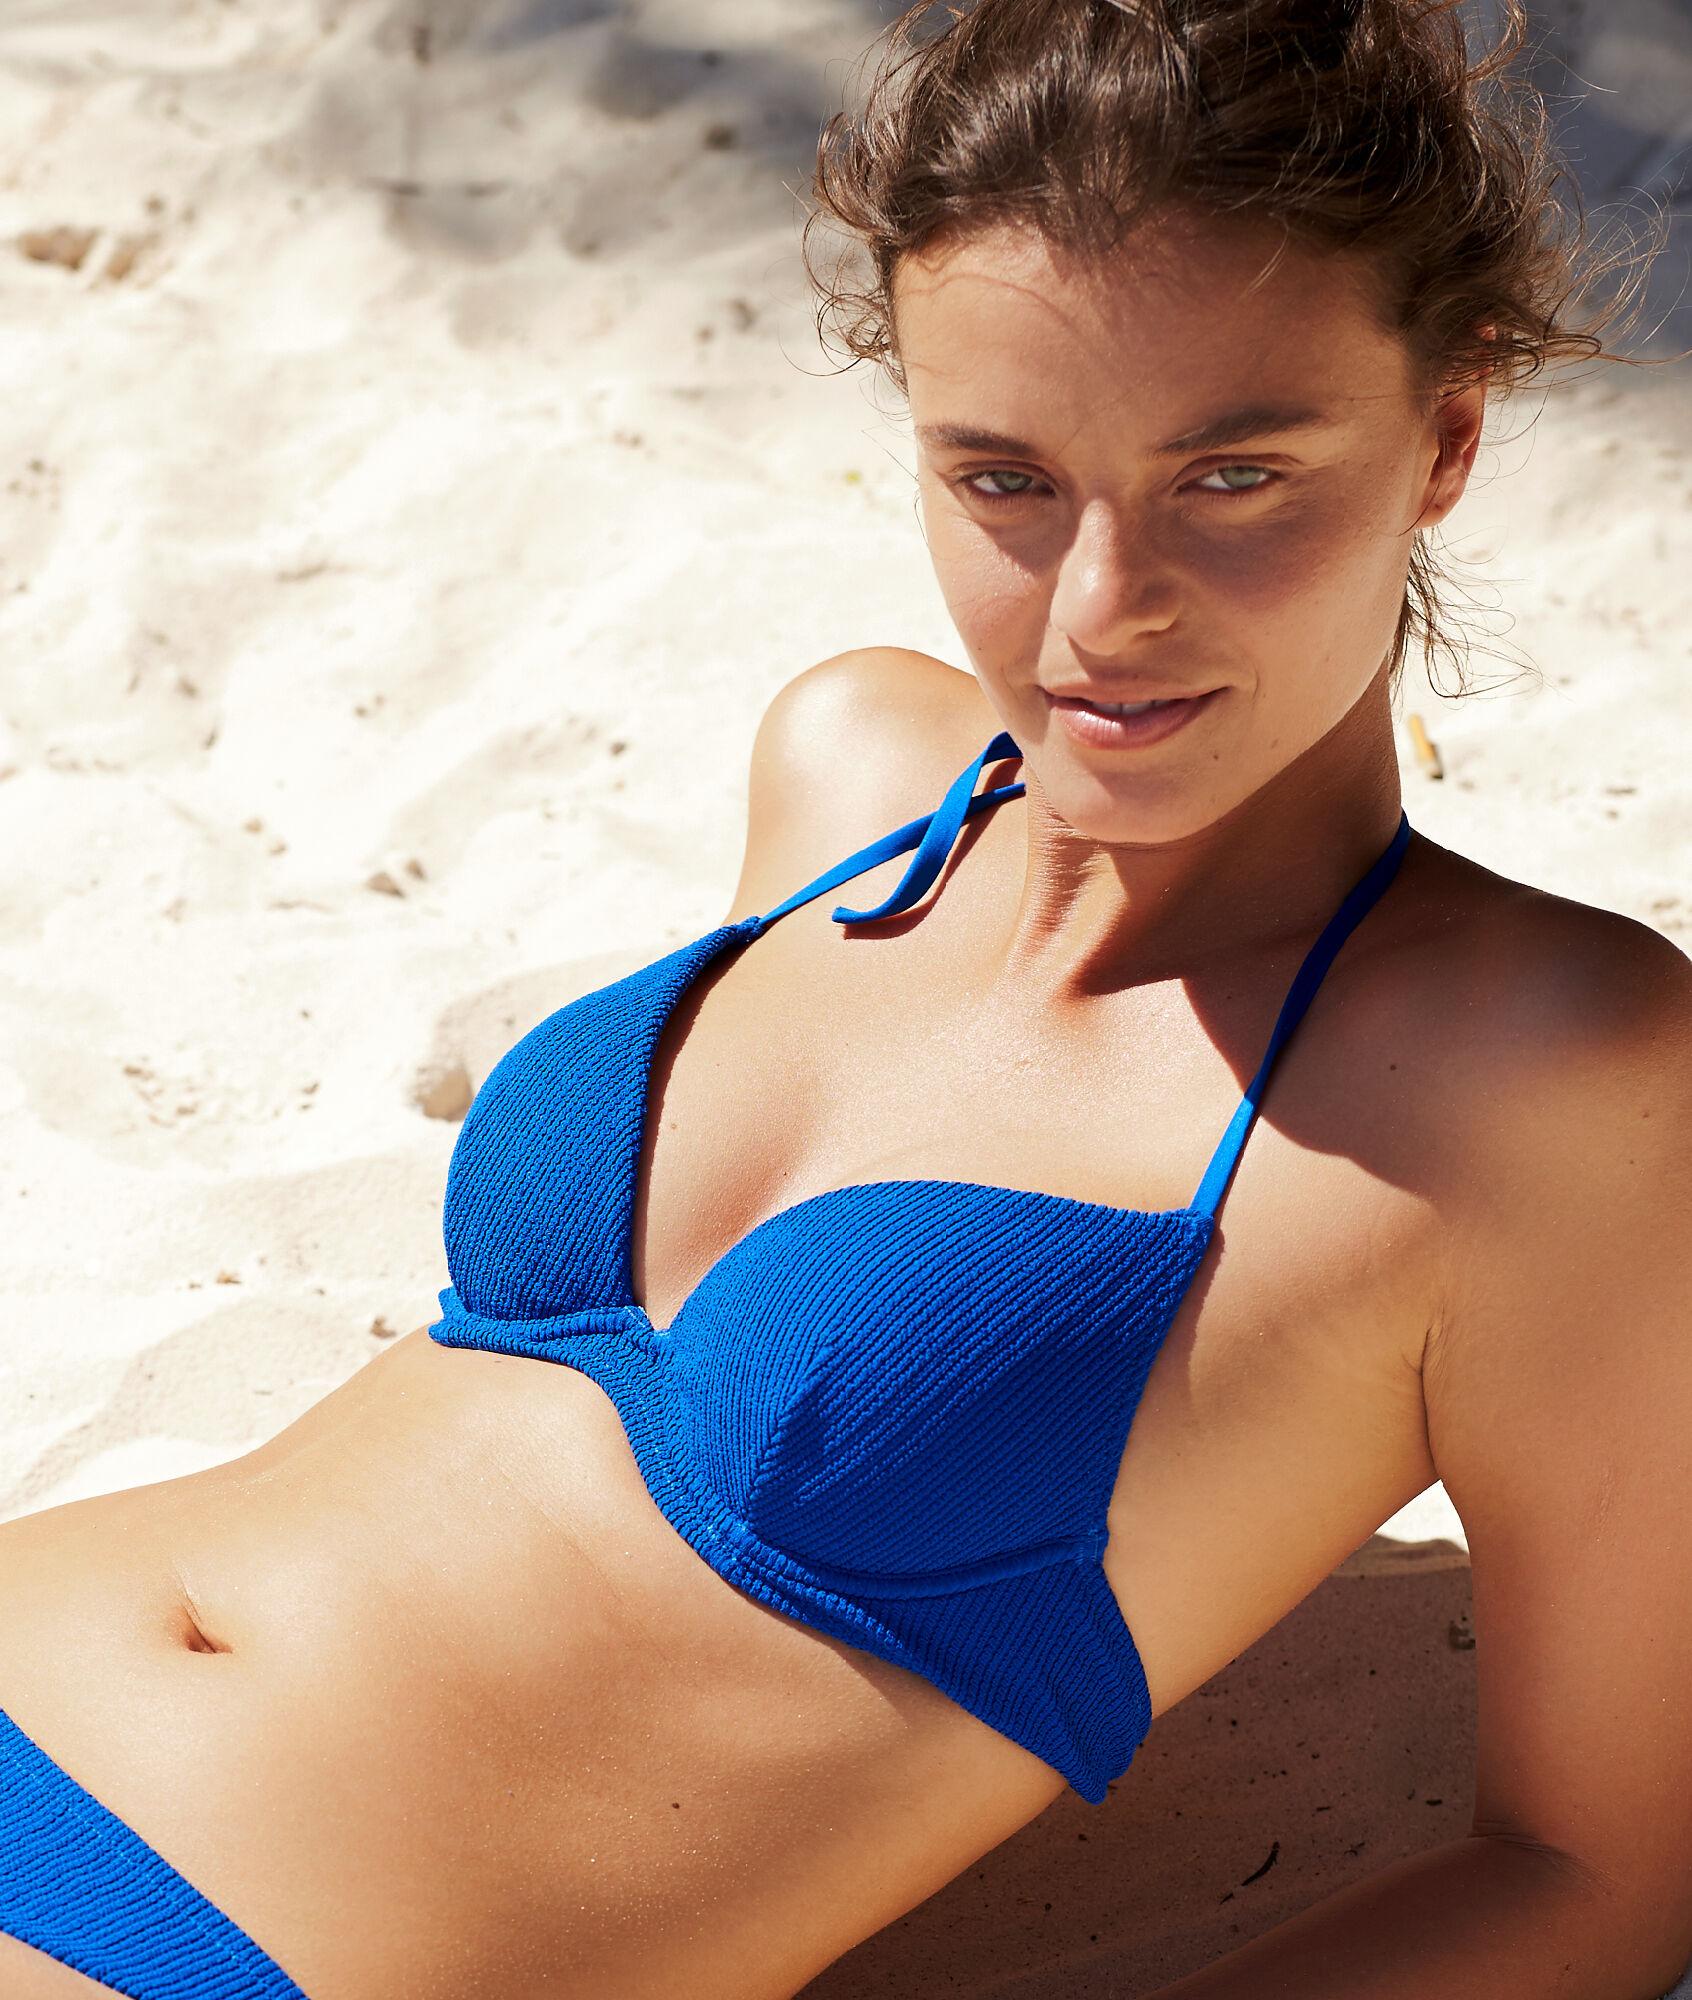 d296805ea1 Haut de maillot de bain push-up texturé - ELYNA - BLEU ROYAL - Etam